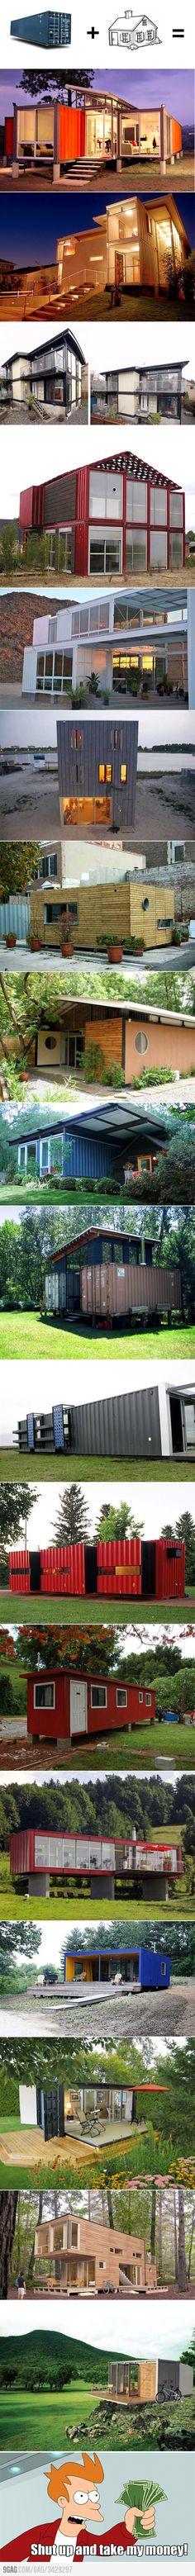 Casas de contenedores: so cool!